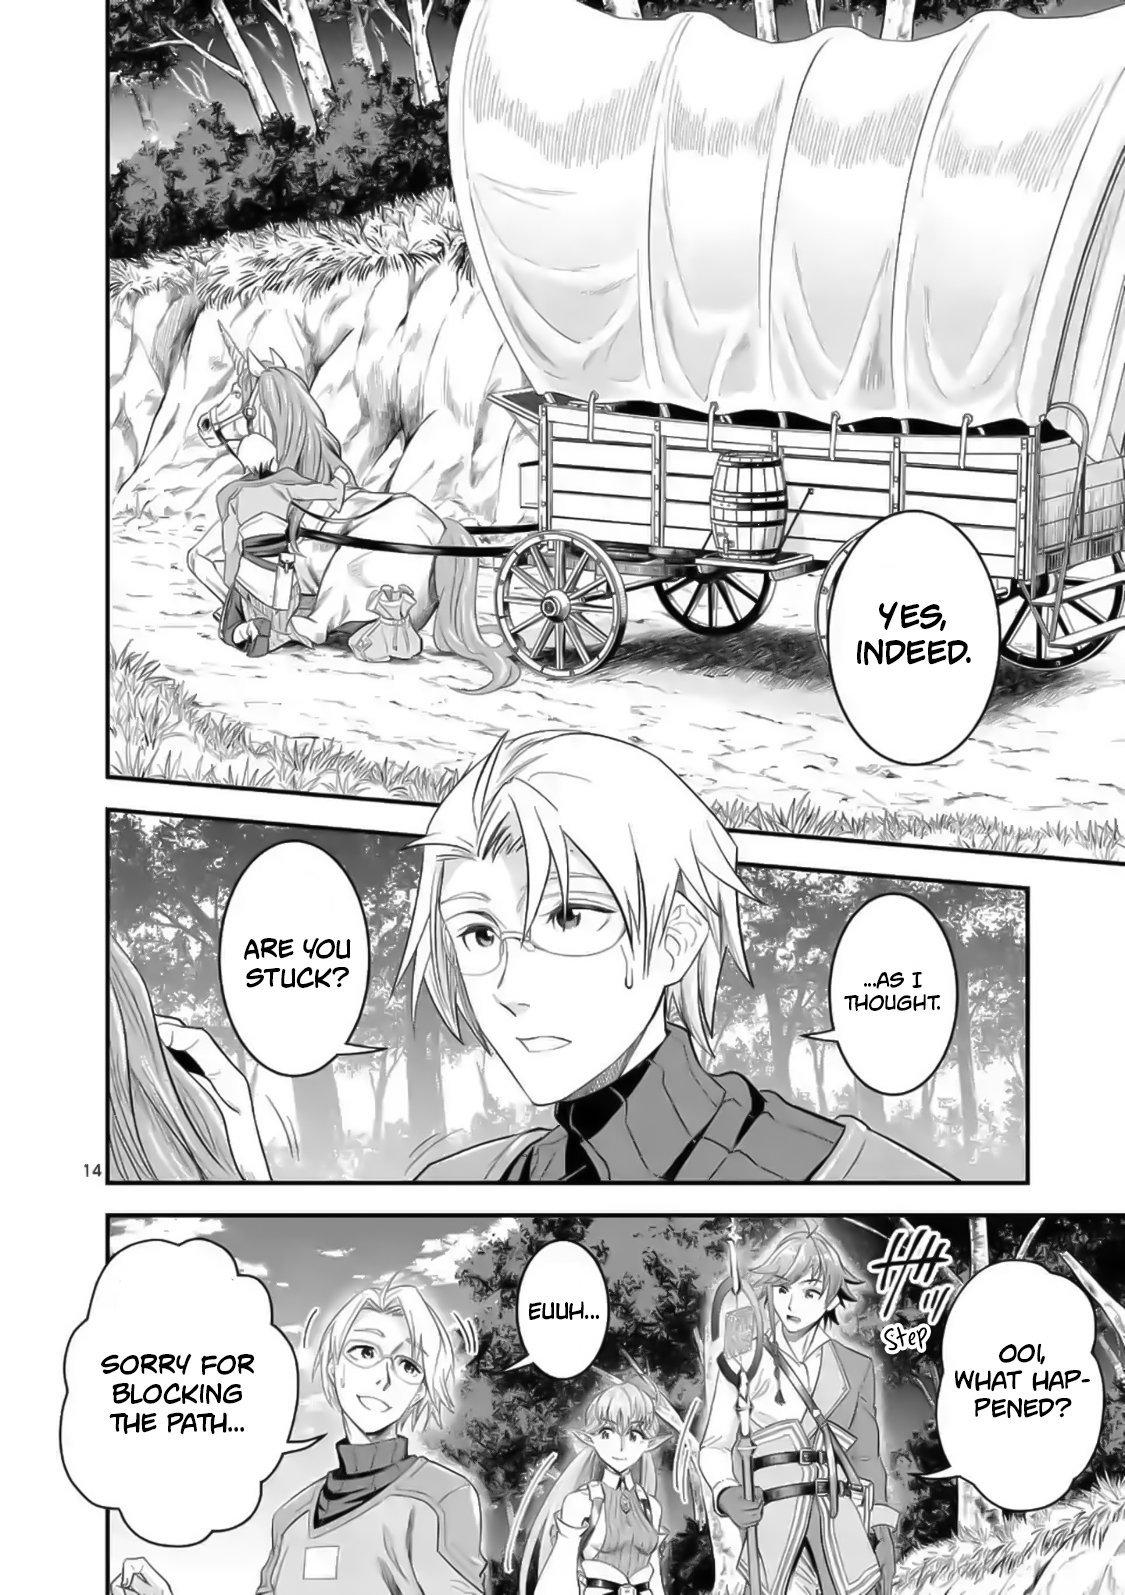 Manga 100-nin no Eiyuu o Sodateta Saikyou Yogensha wa, Boukensha ni Natte mo Sekaijuu no Deshi kara Shitawarete Masu - Chapter 19 Page 15